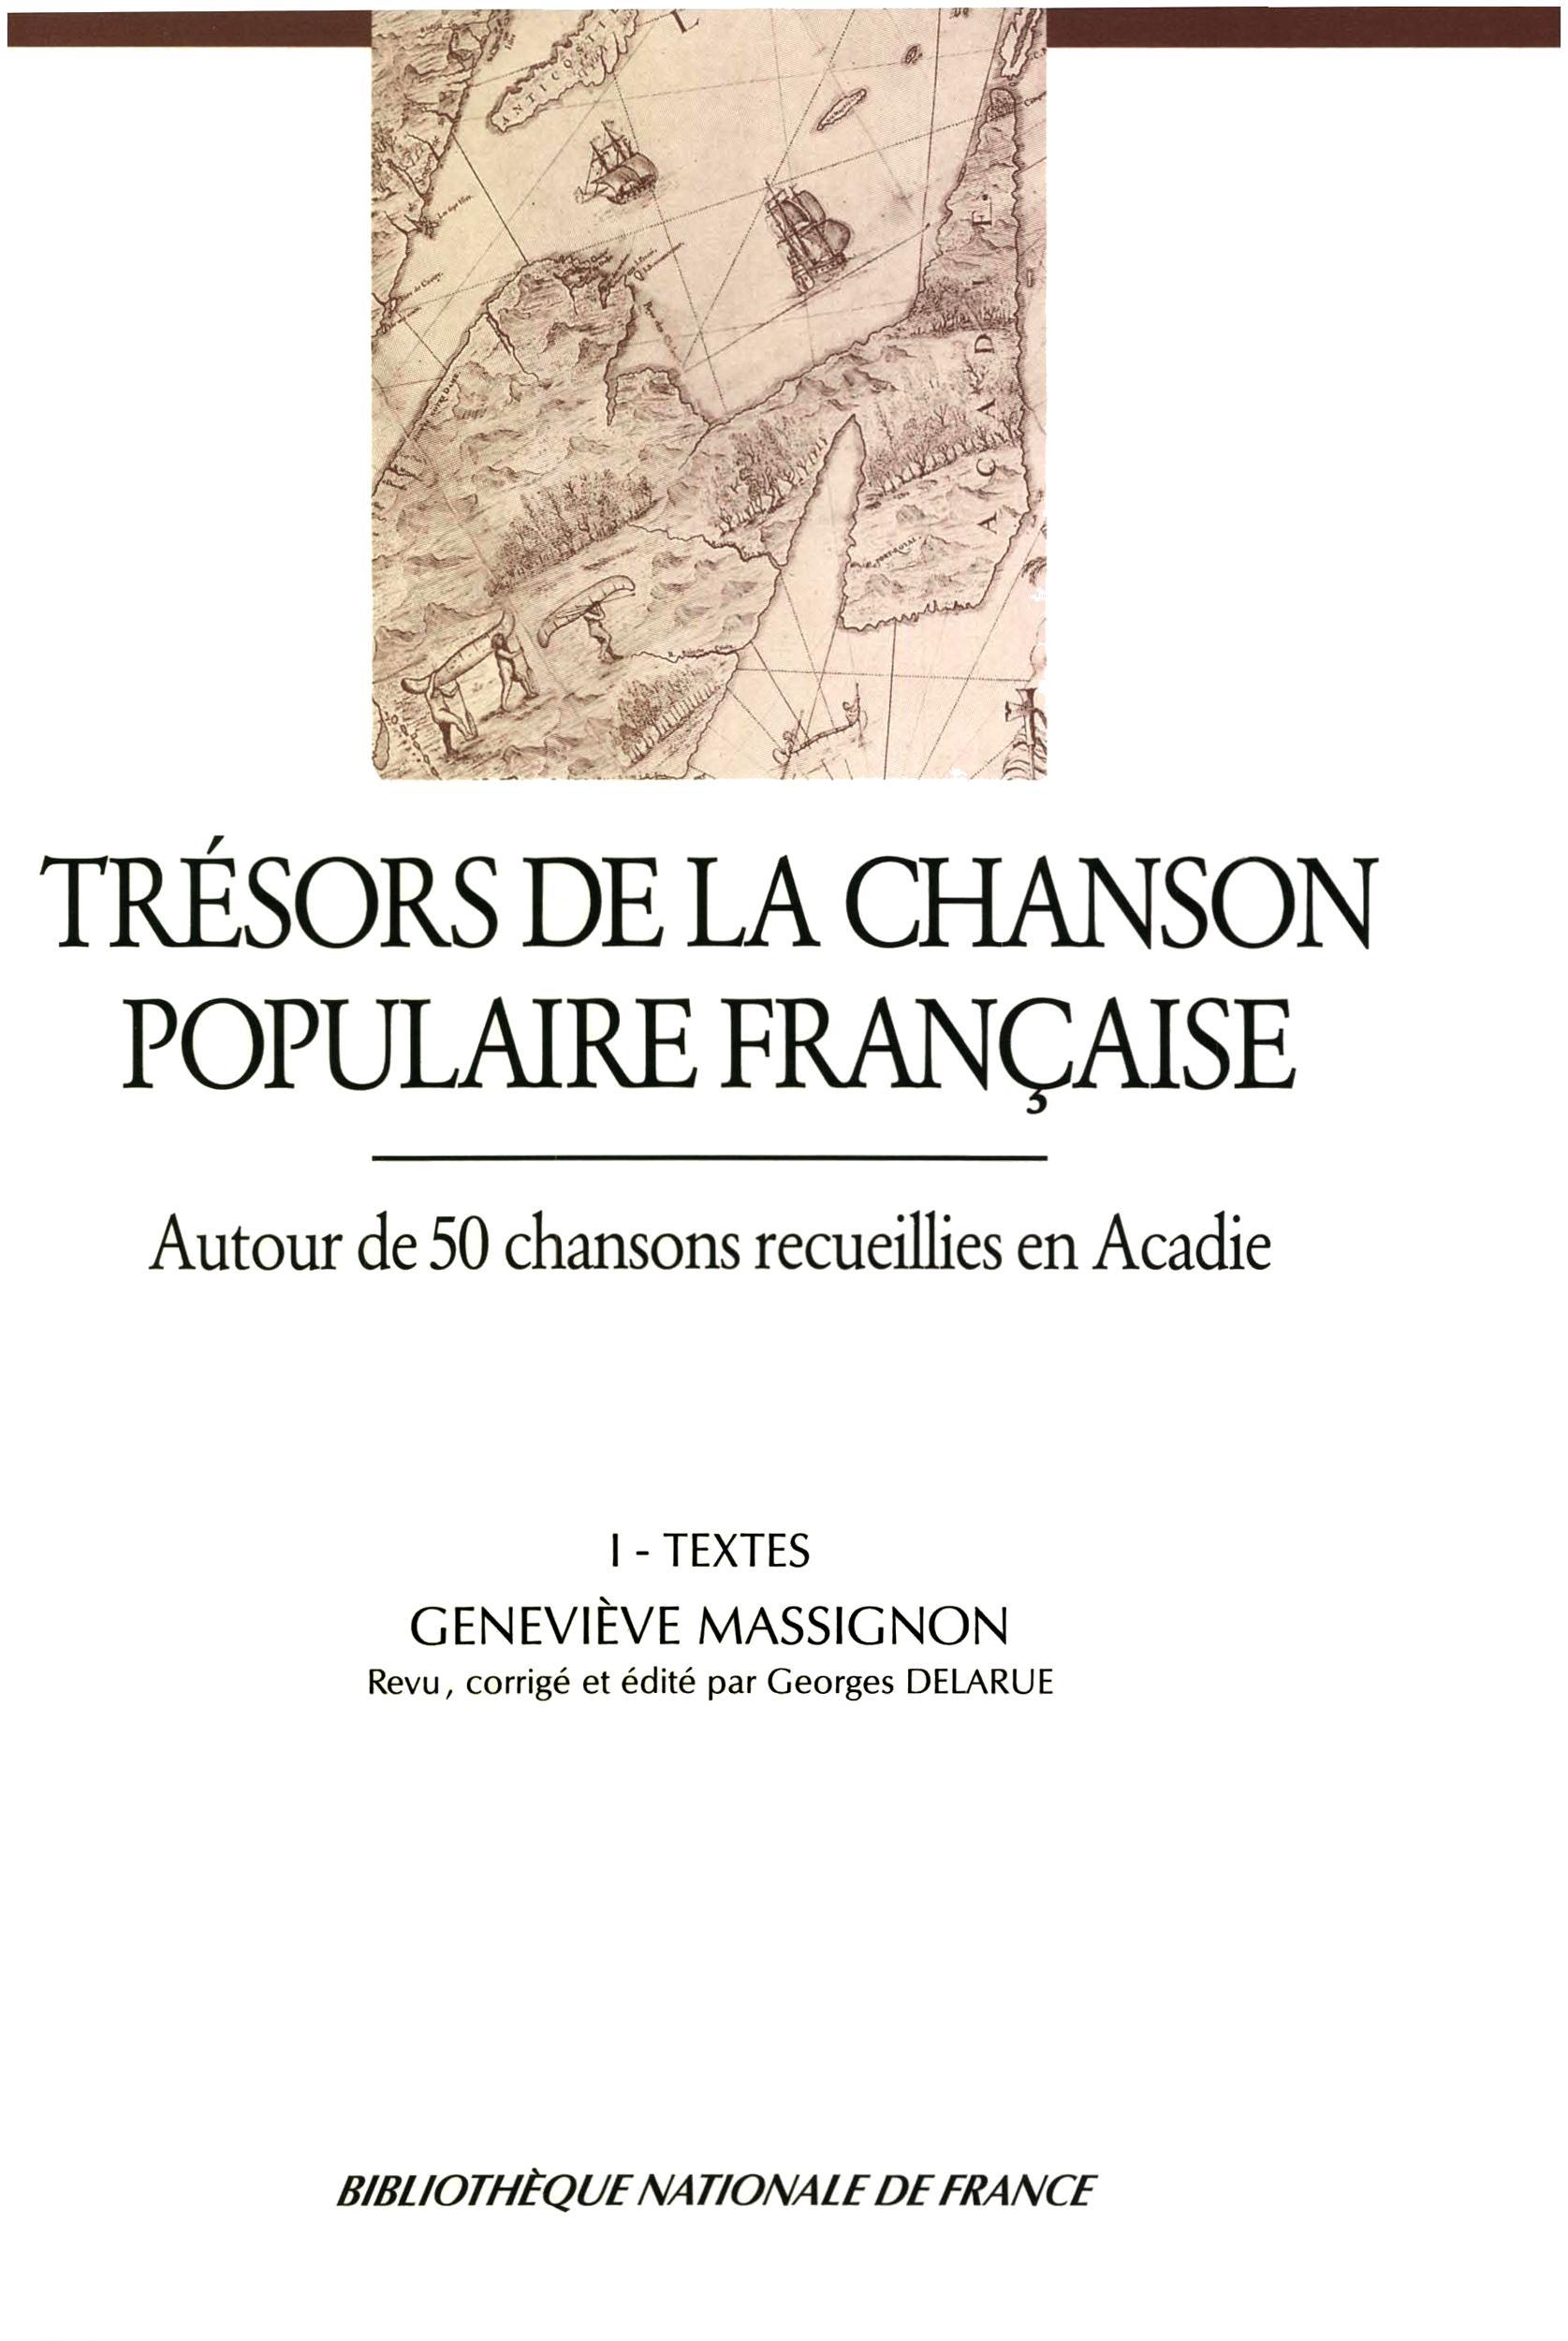 Trésors de la chanson populaire française. Autour de 50 chansons recueillies en Acadie